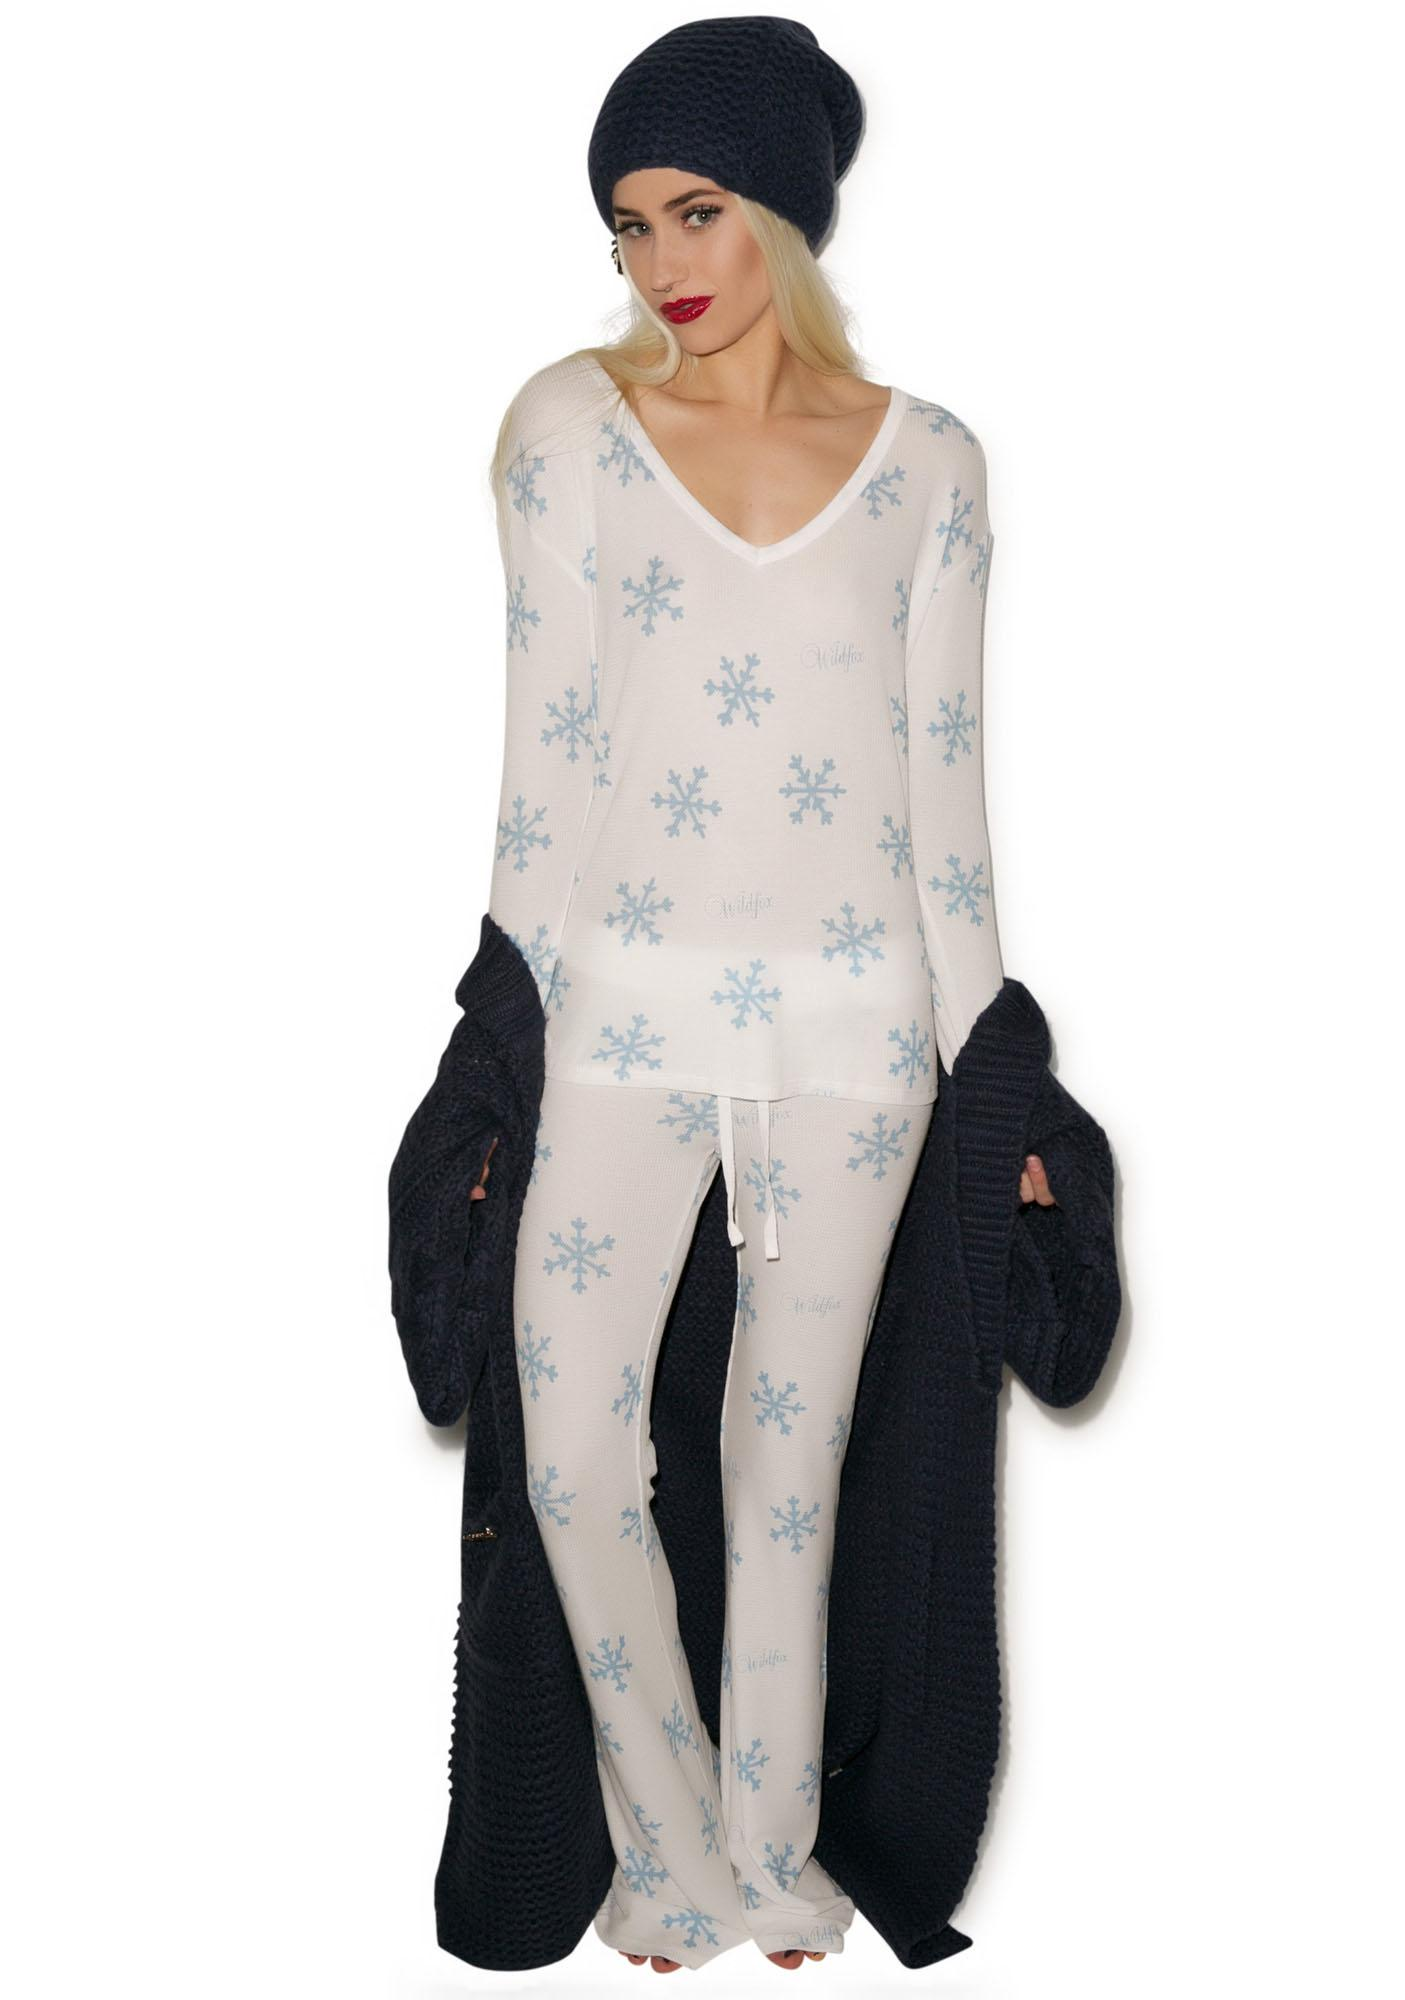 Wildfox Couture Snowflake Polar Pajama Set  85bb9ec73